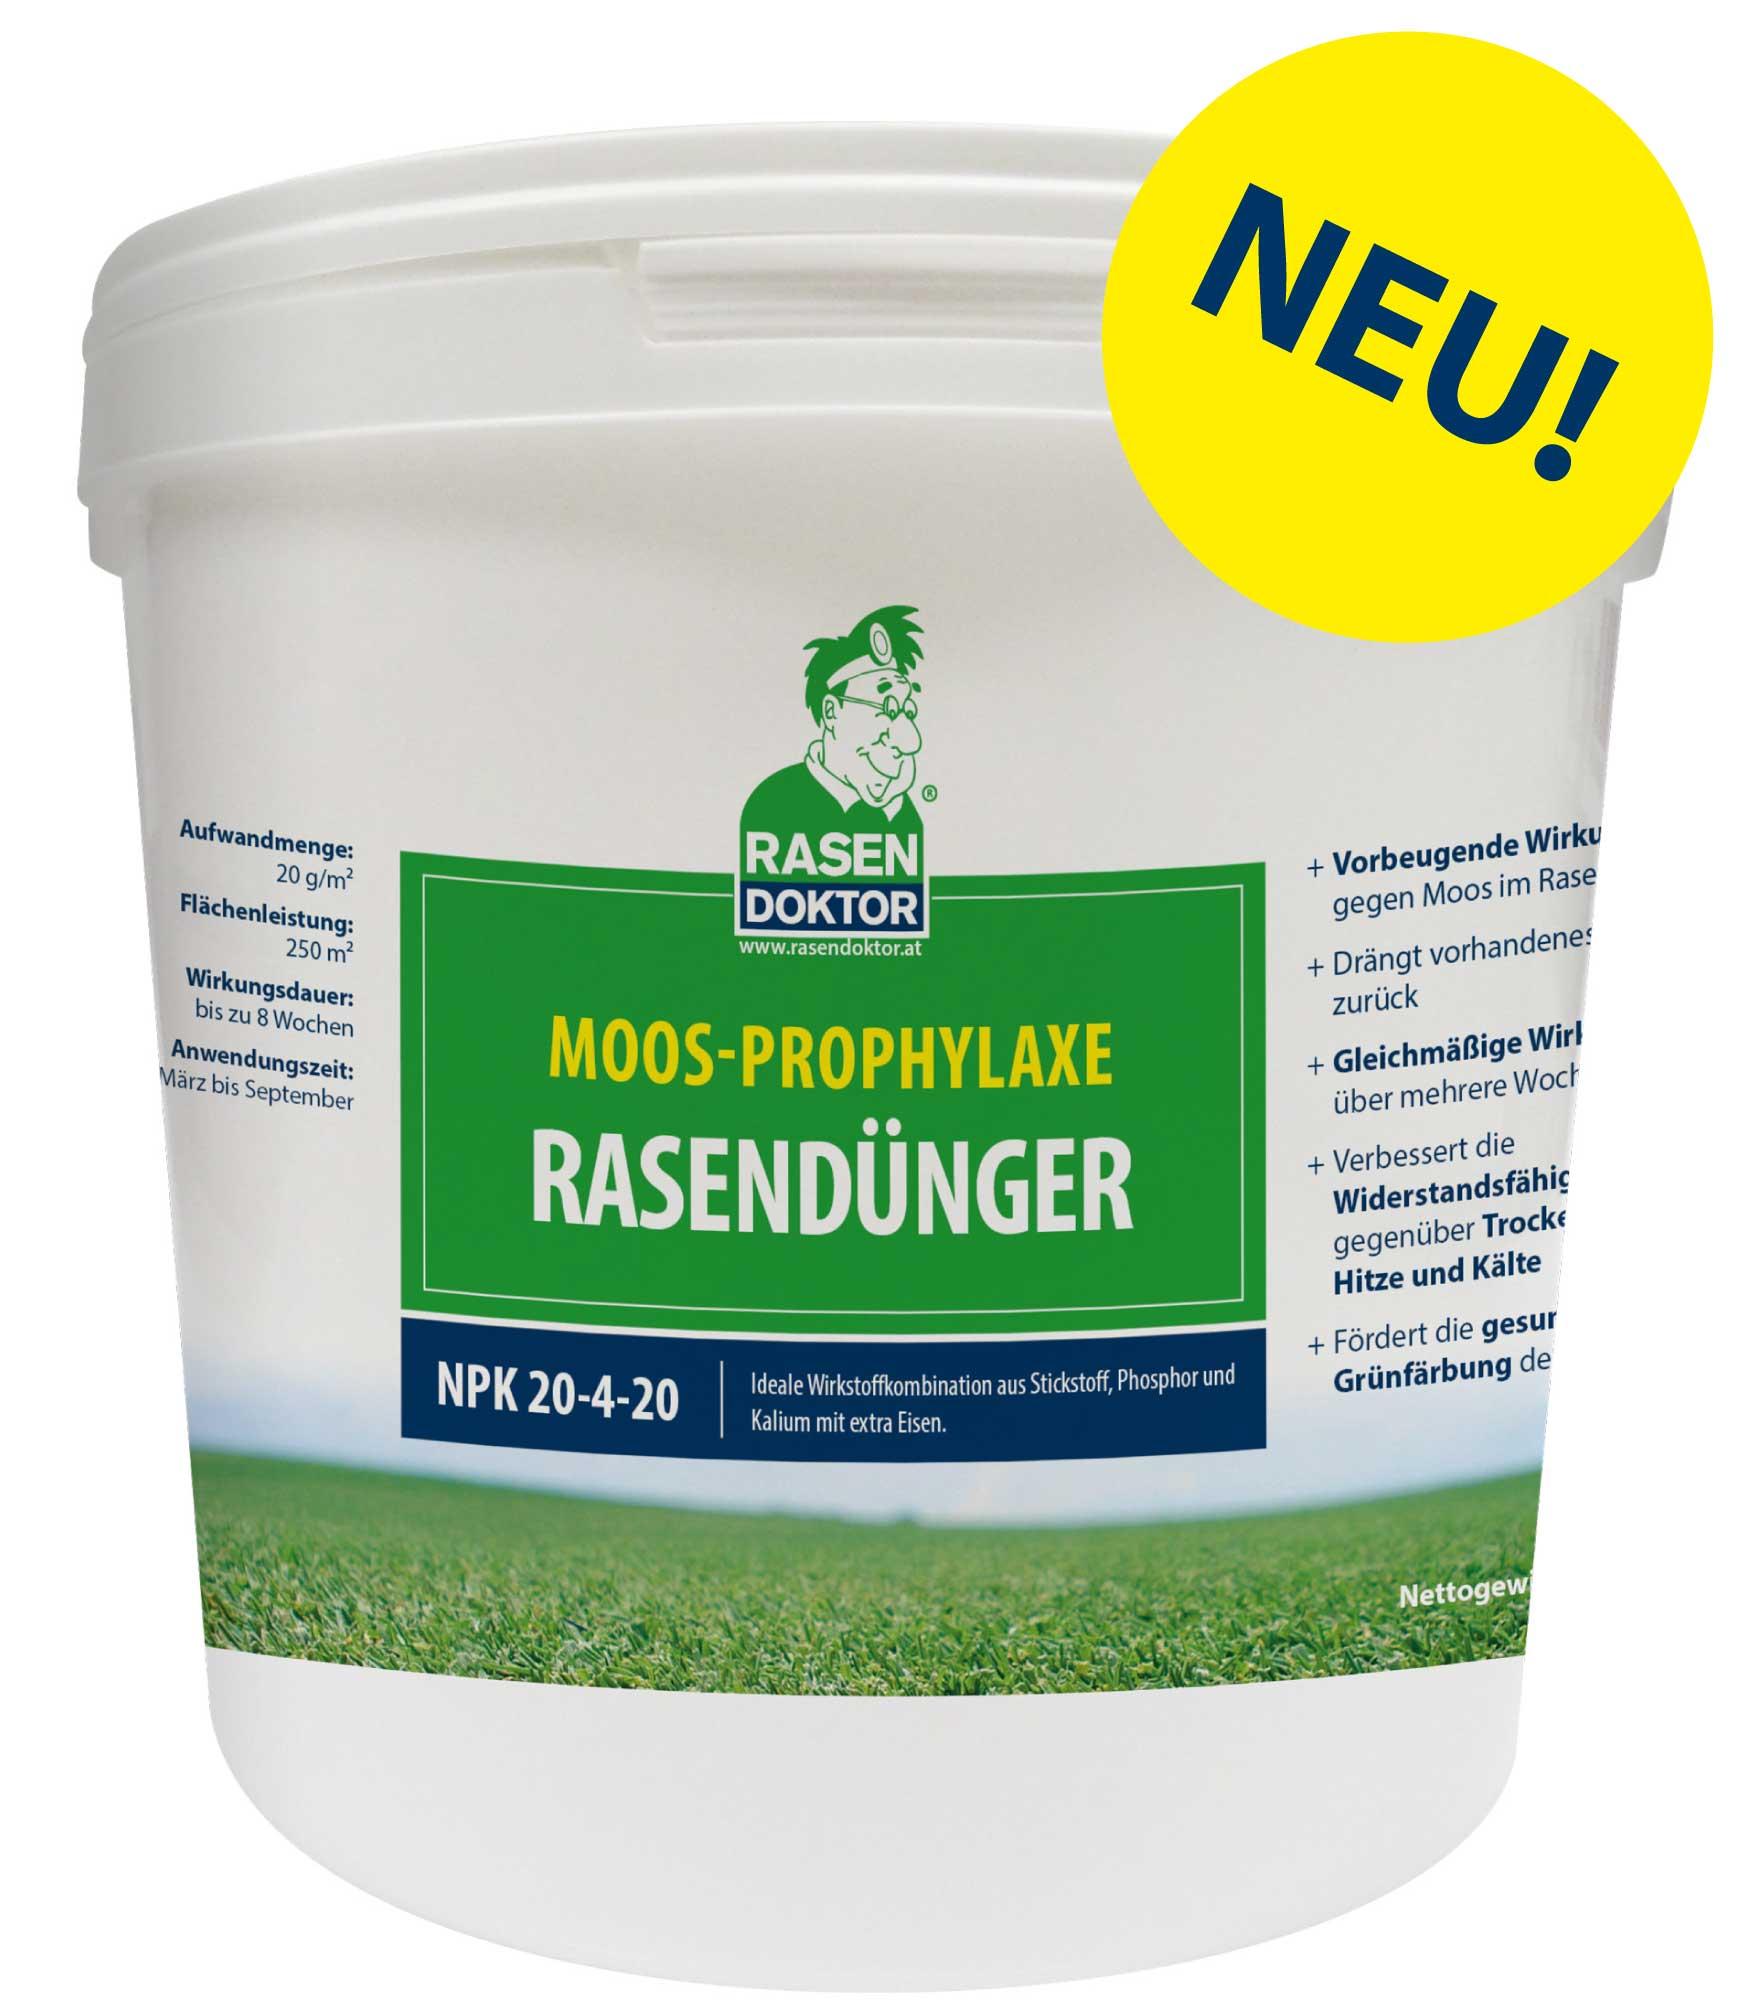 5kg Eimer Moos-Prophylaxe Rasendünger